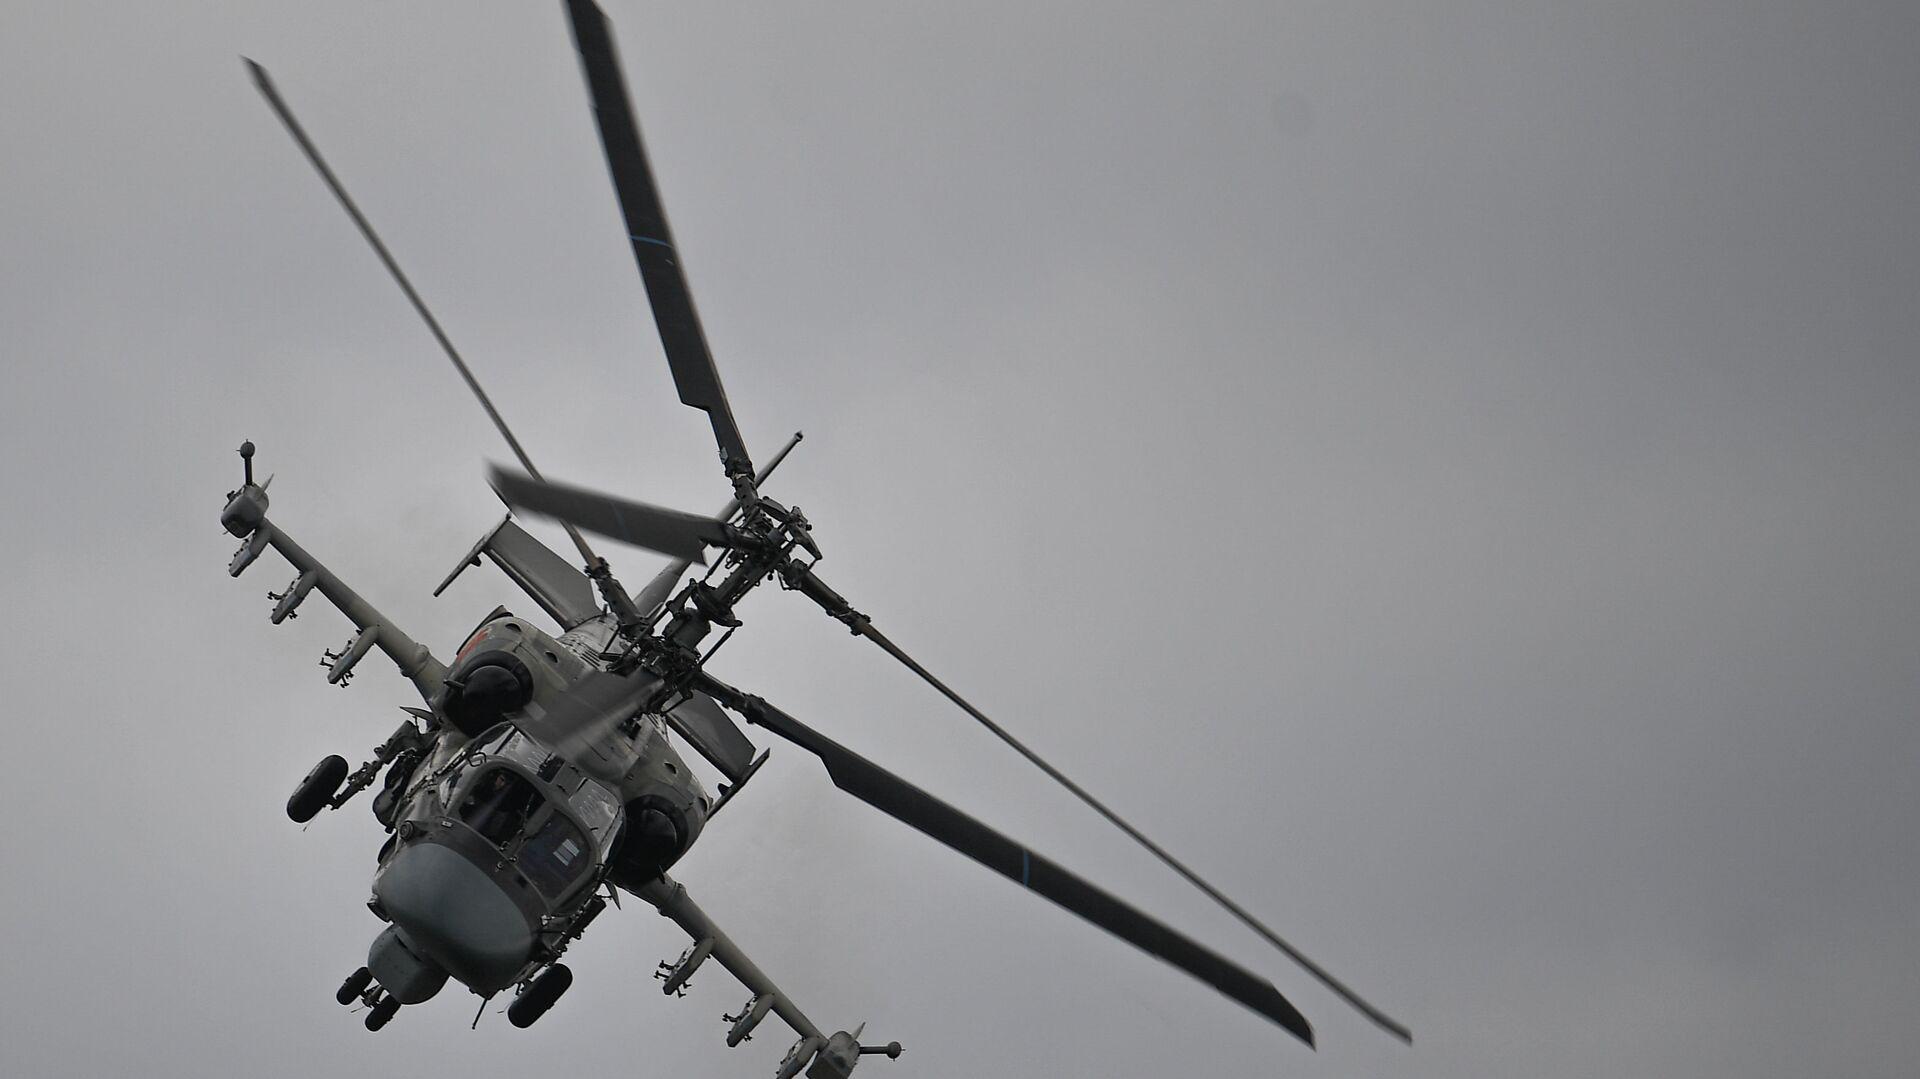 Ударный вертолет Ка-52 Аллигатор выполняет демонстрационный полет в рамках Международного форума Армия-2020 на аэродроме Кубинка в Подмосковье - Sputnik Արմենիա, 1920, 24.09.2021